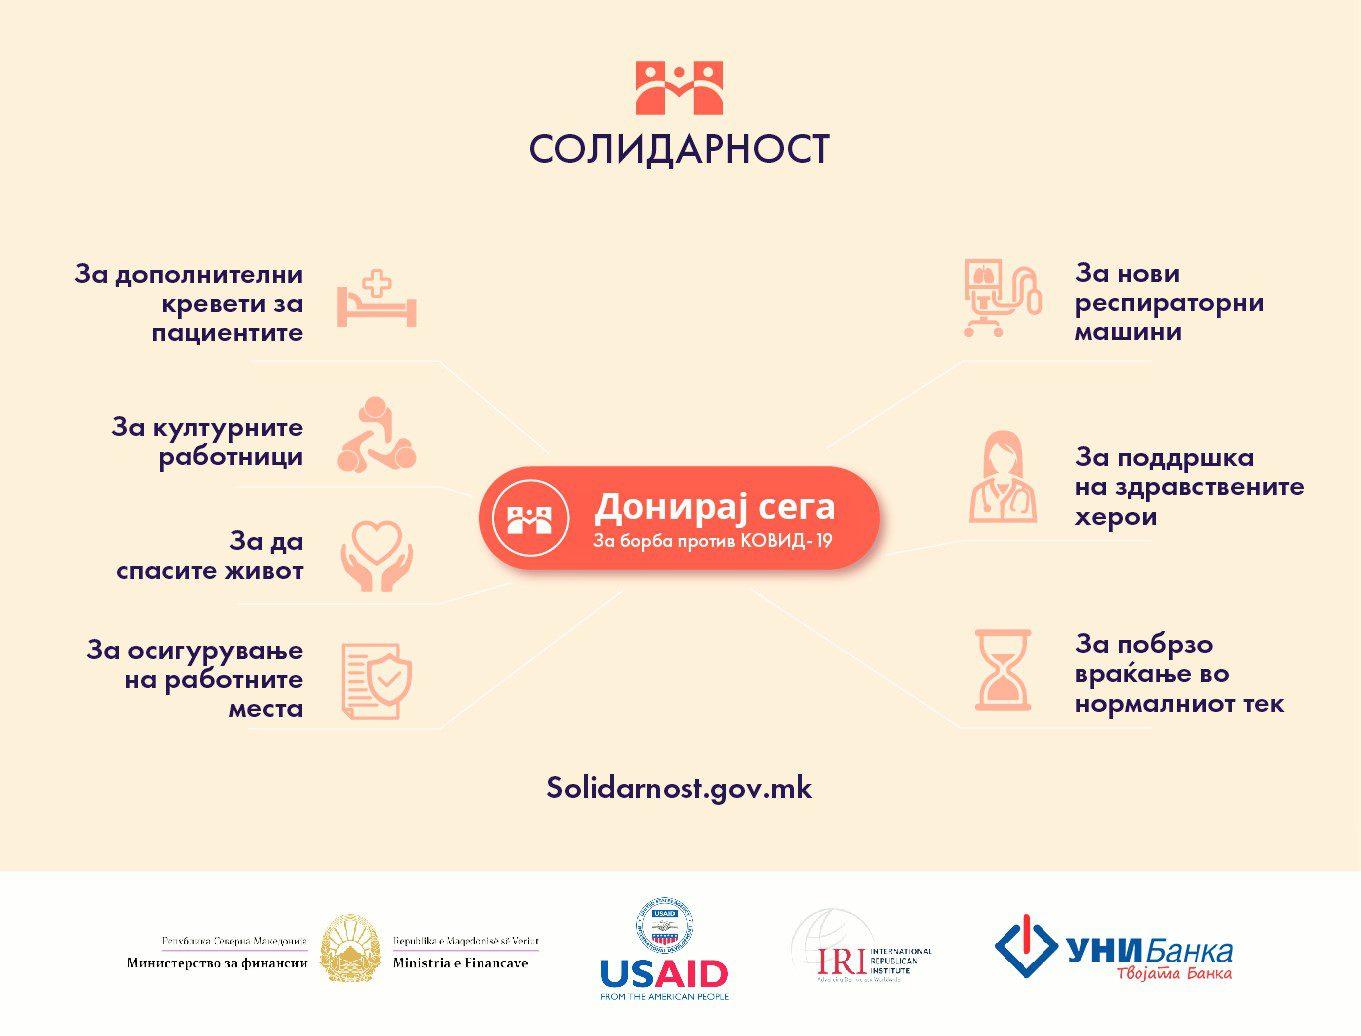 Каде одат донираните средства од веб-платформата solidarnost.gov.mk?